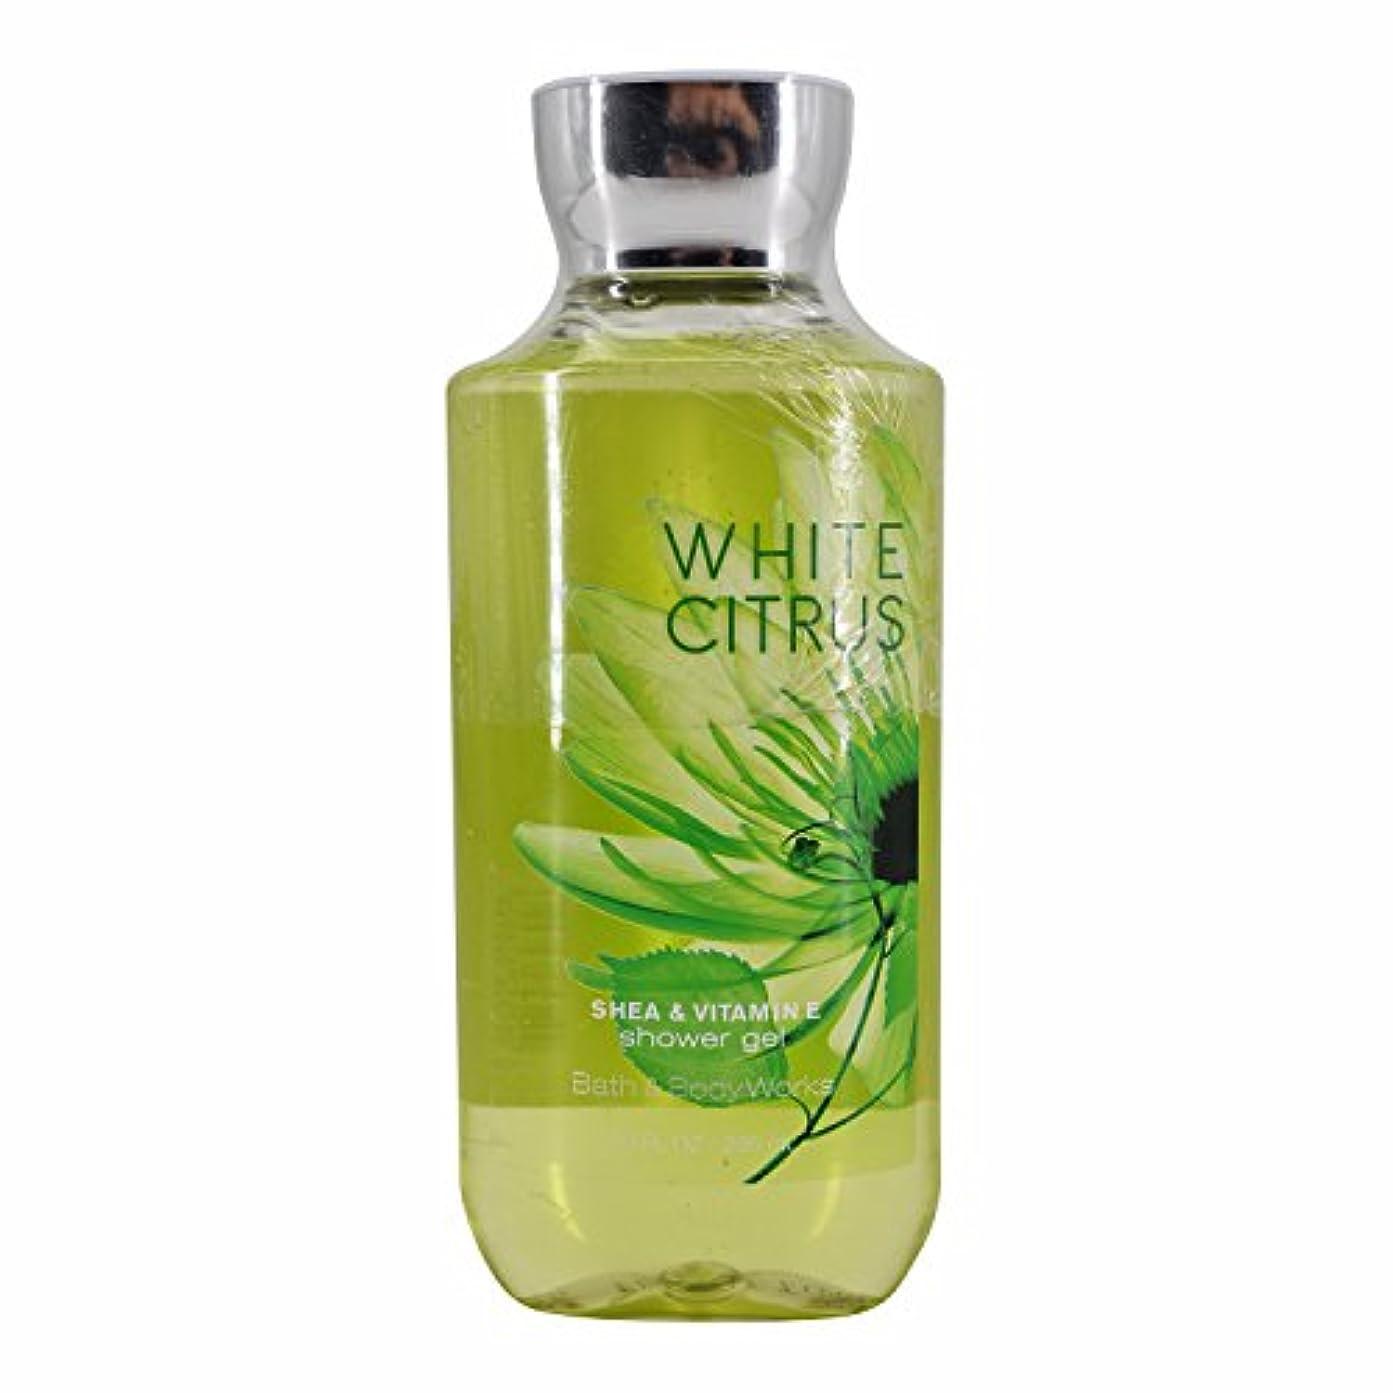 傑作アマチュア敬意バス&ボディワークス ホワイトシトラス シャワージェル White Citrus Shea & Vitamin-E Shower Gel